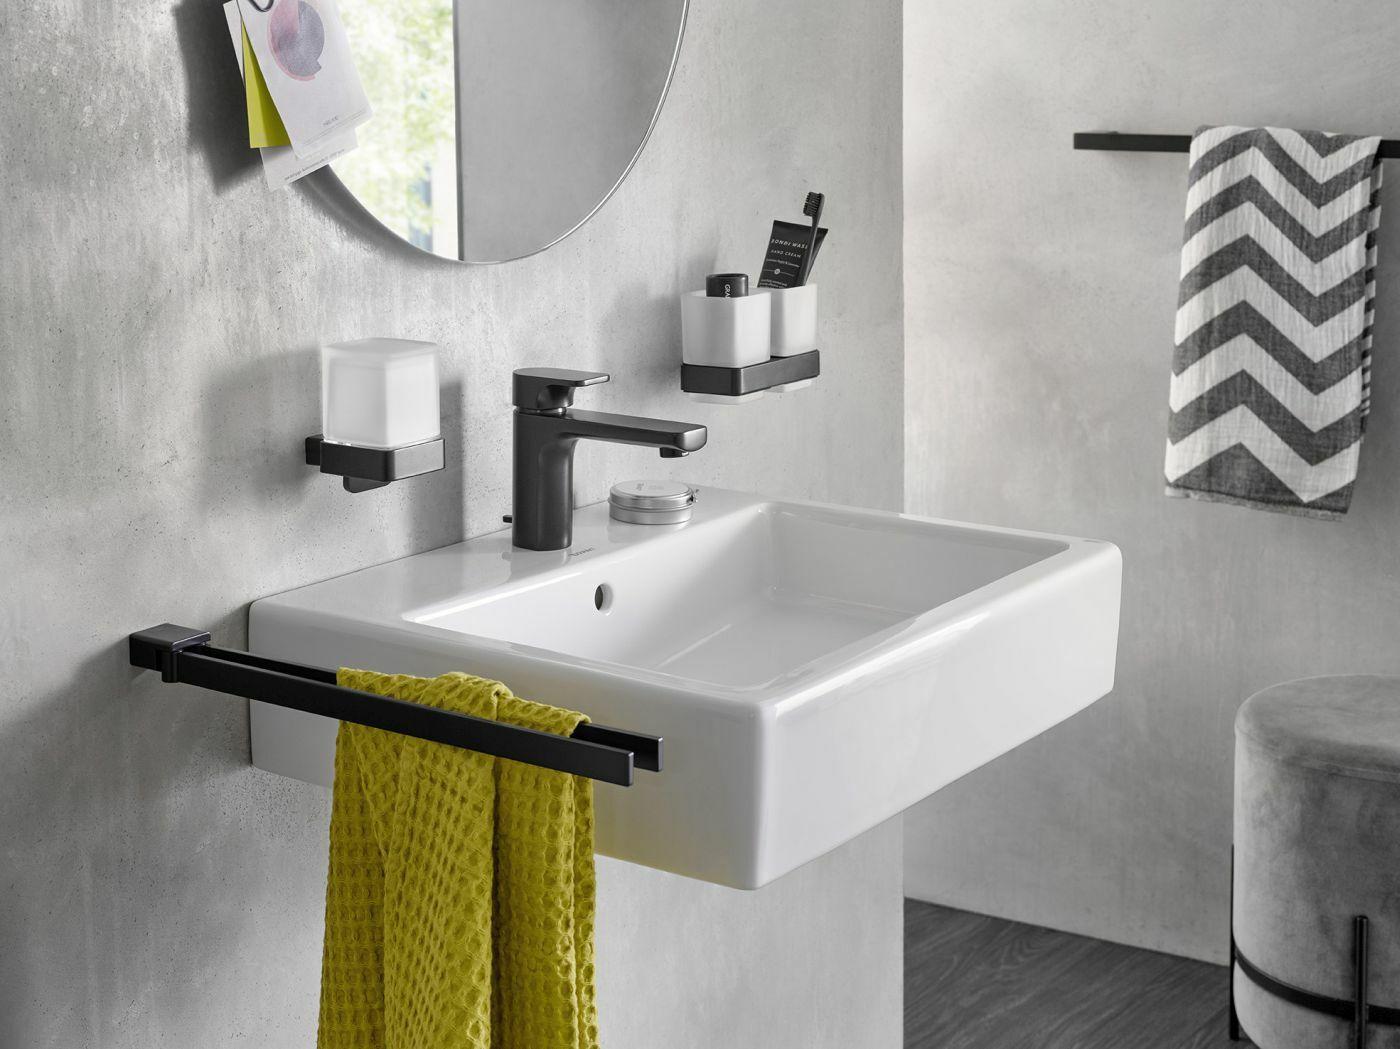 EMCO fürdőszobai kiegészítők